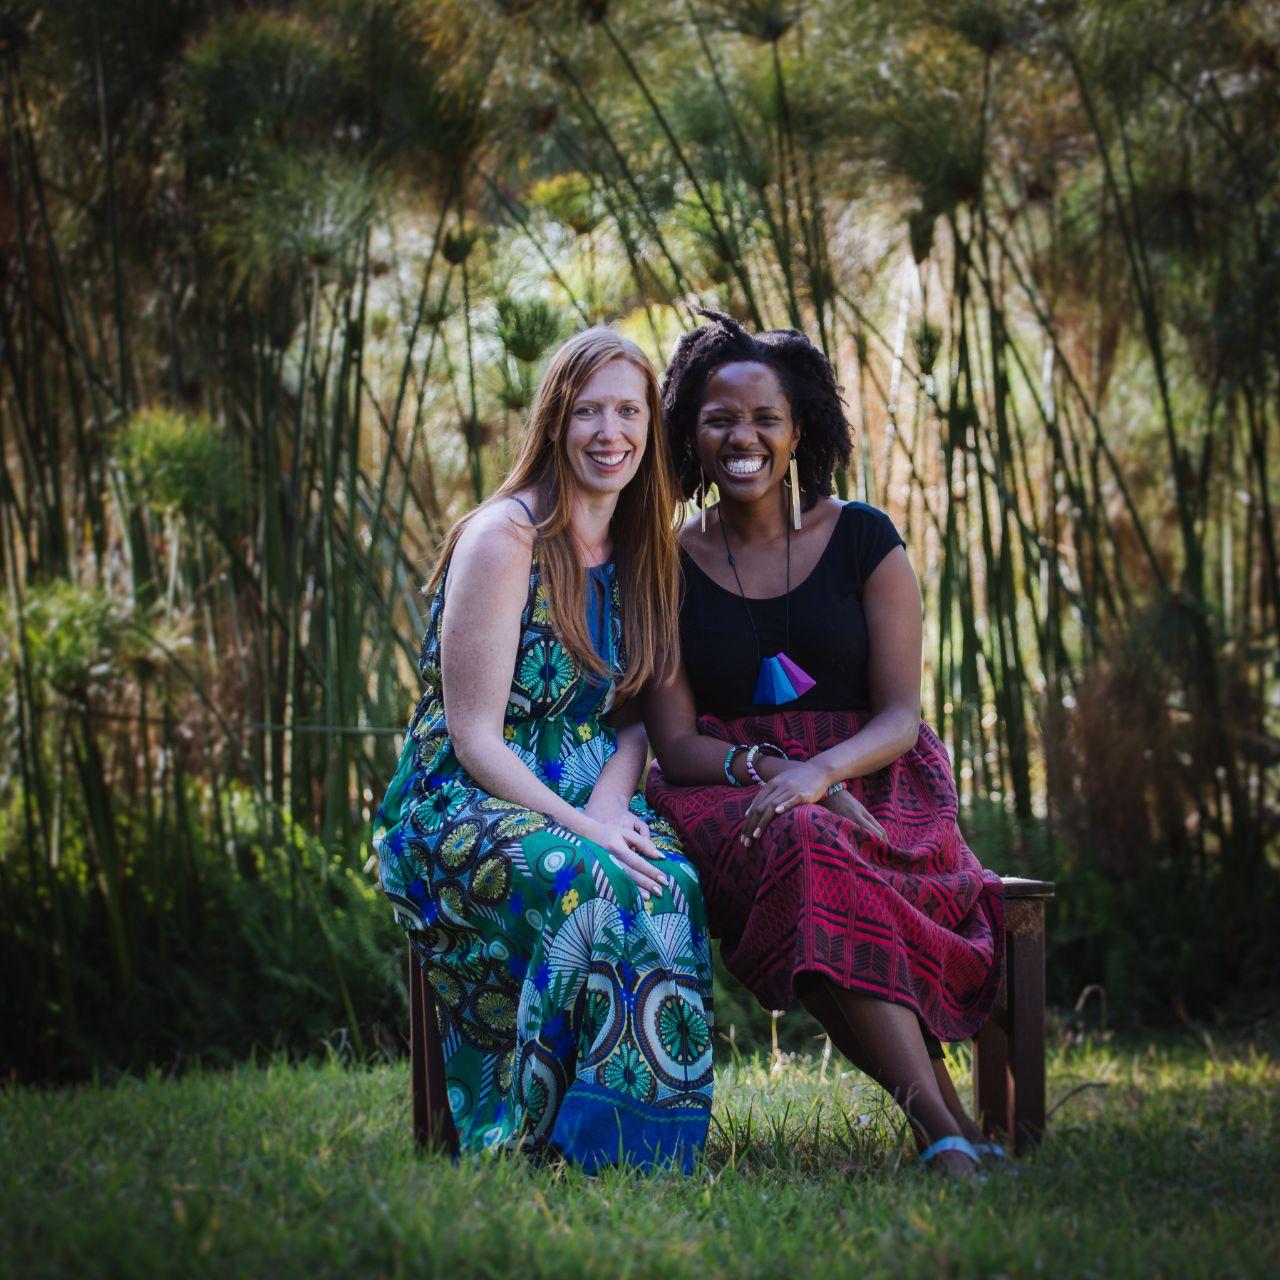 Danielle and Lulu